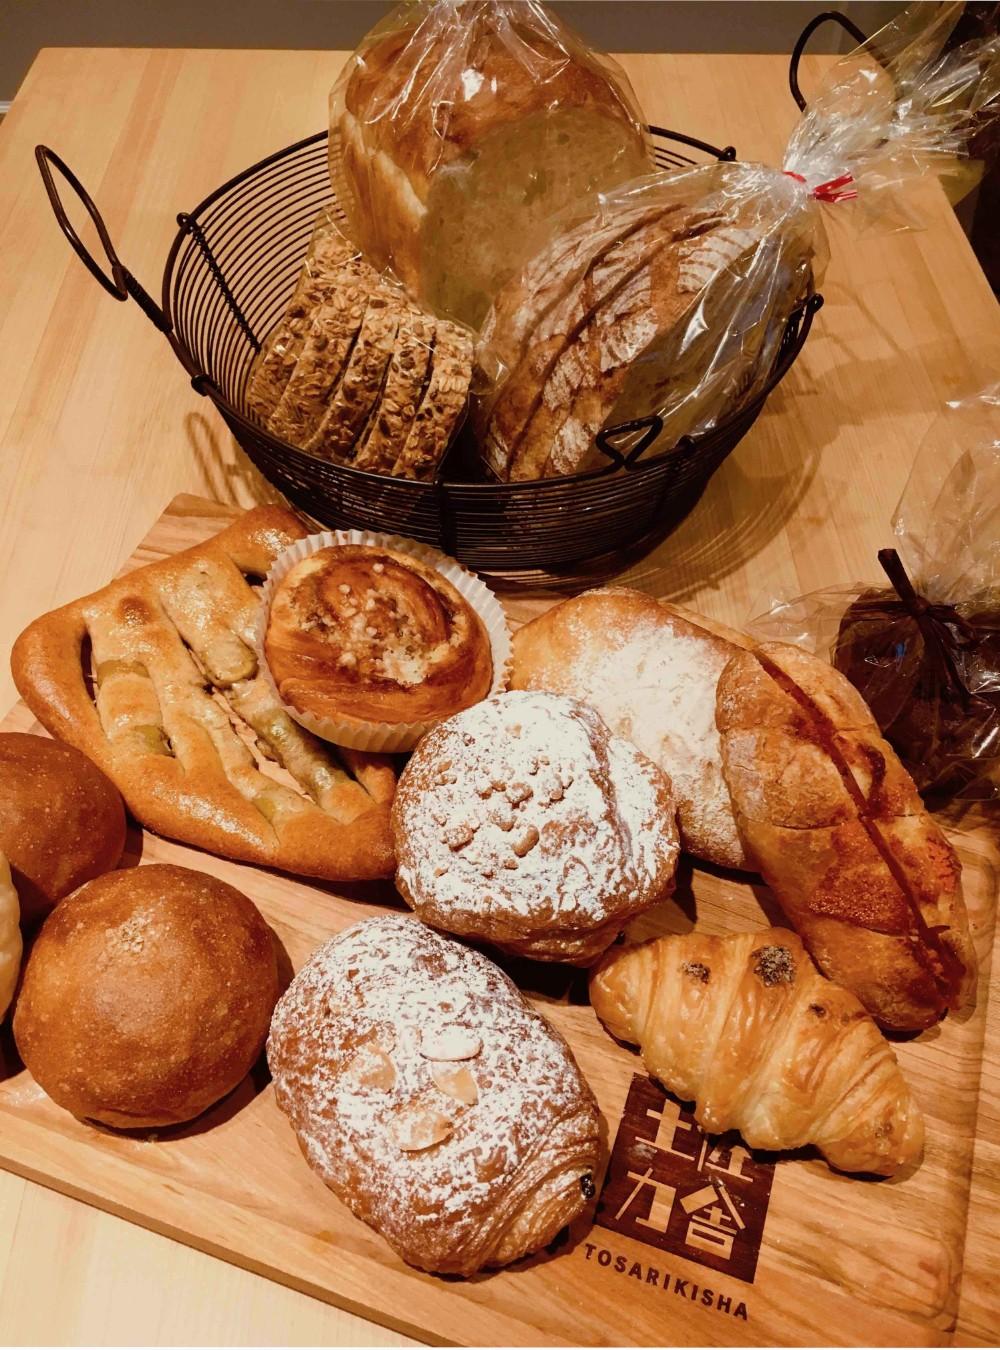 土佐力舎スタッフおすすめパン6種類以上詰め合わせ